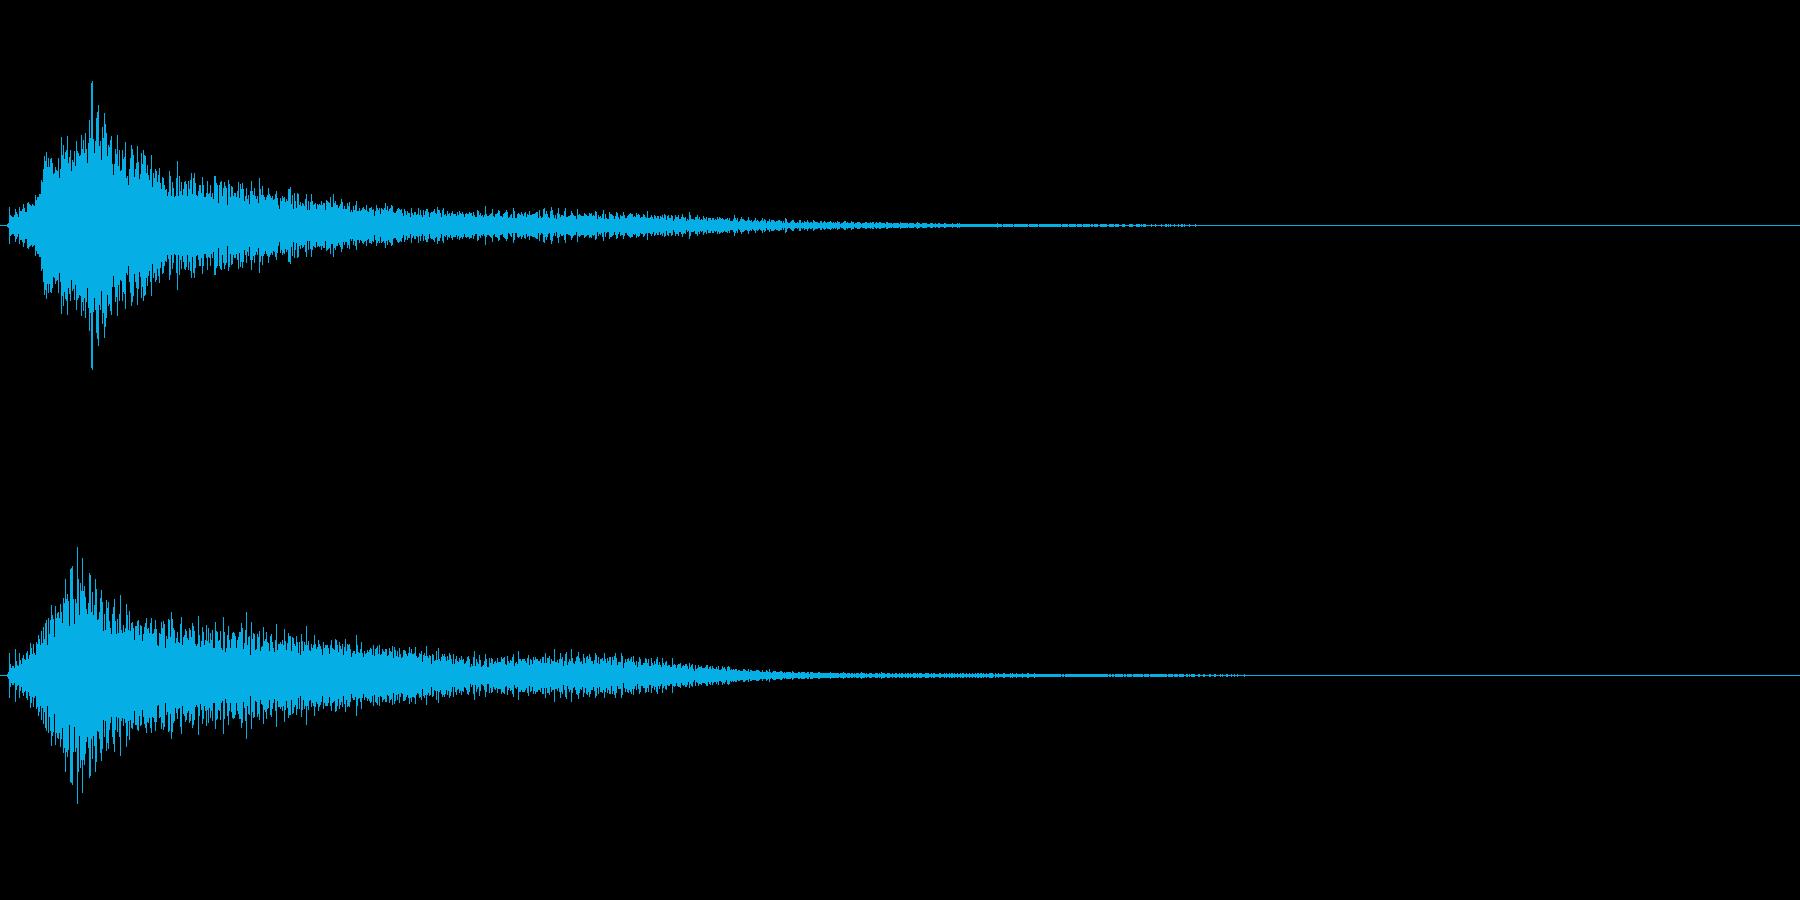 サスペンスに最適!ピアノの弦を弄ぶ音2の再生済みの波形